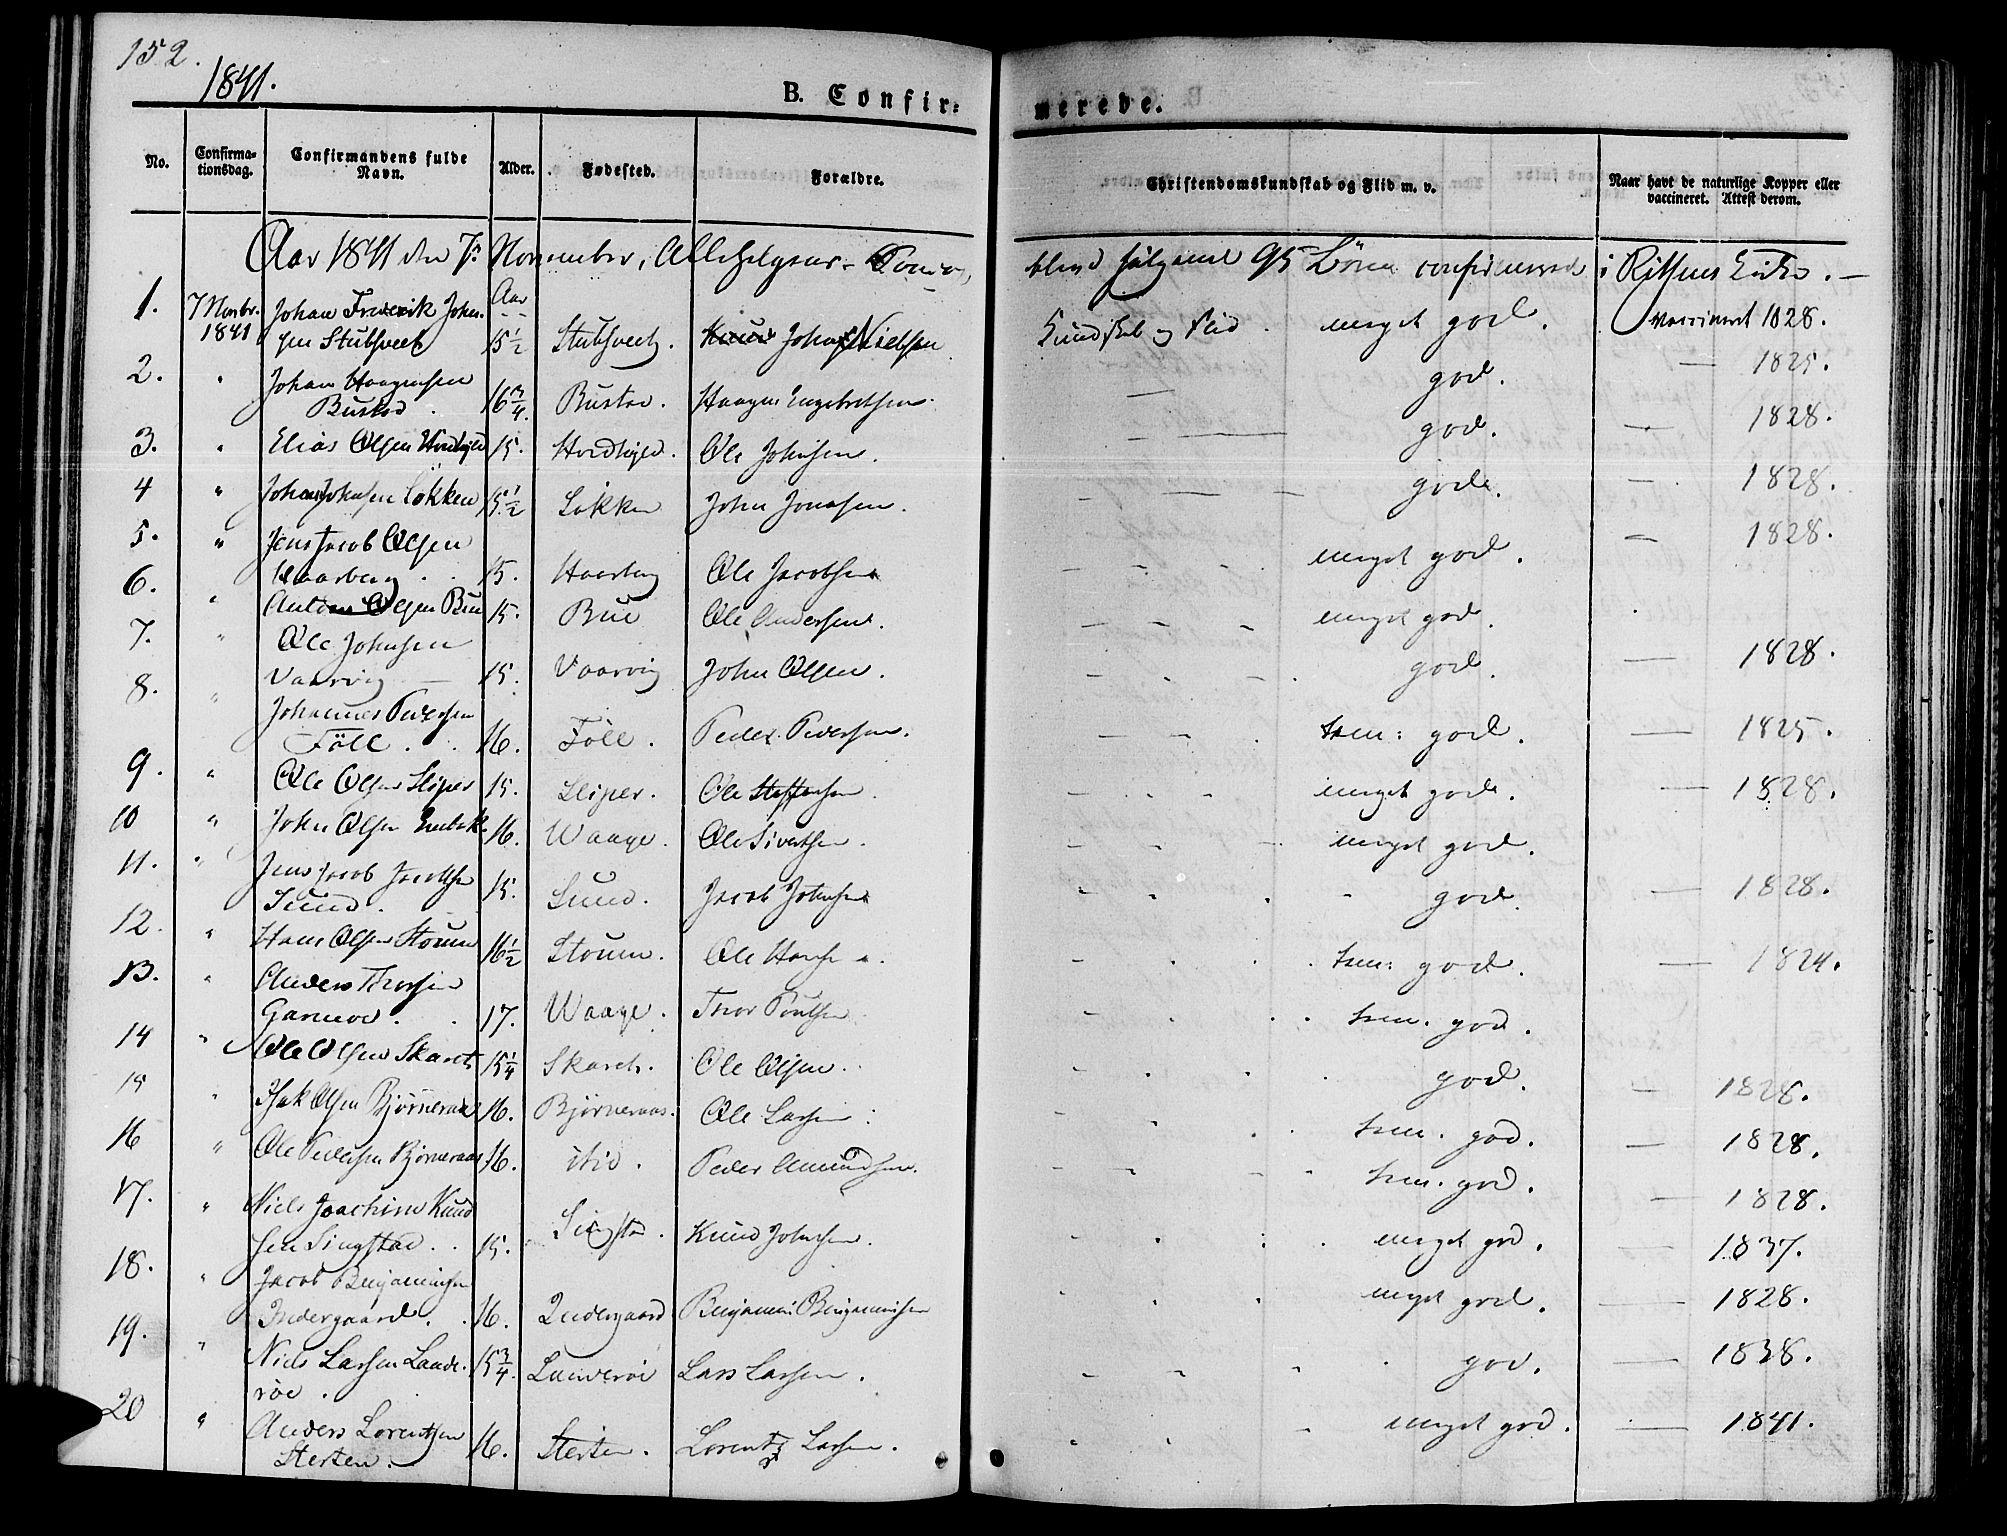 SAT, Ministerialprotokoller, klokkerbøker og fødselsregistre - Sør-Trøndelag, 646/L0610: Ministerialbok nr. 646A08, 1837-1847, s. 152